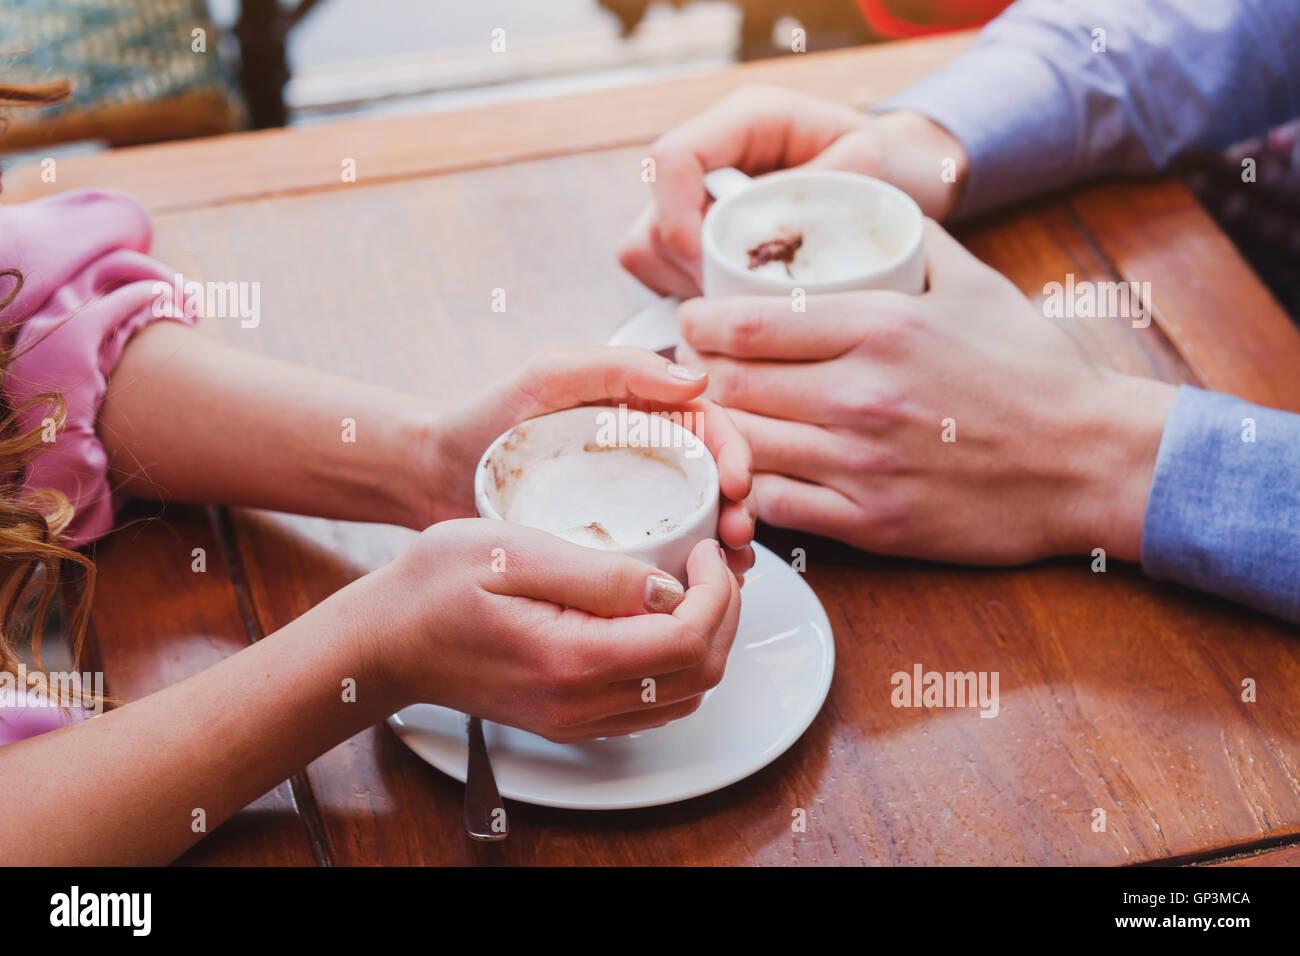 Menschen trinken Kaffee im Café, Hände Closeup des Paares mit Tassen Stockbild